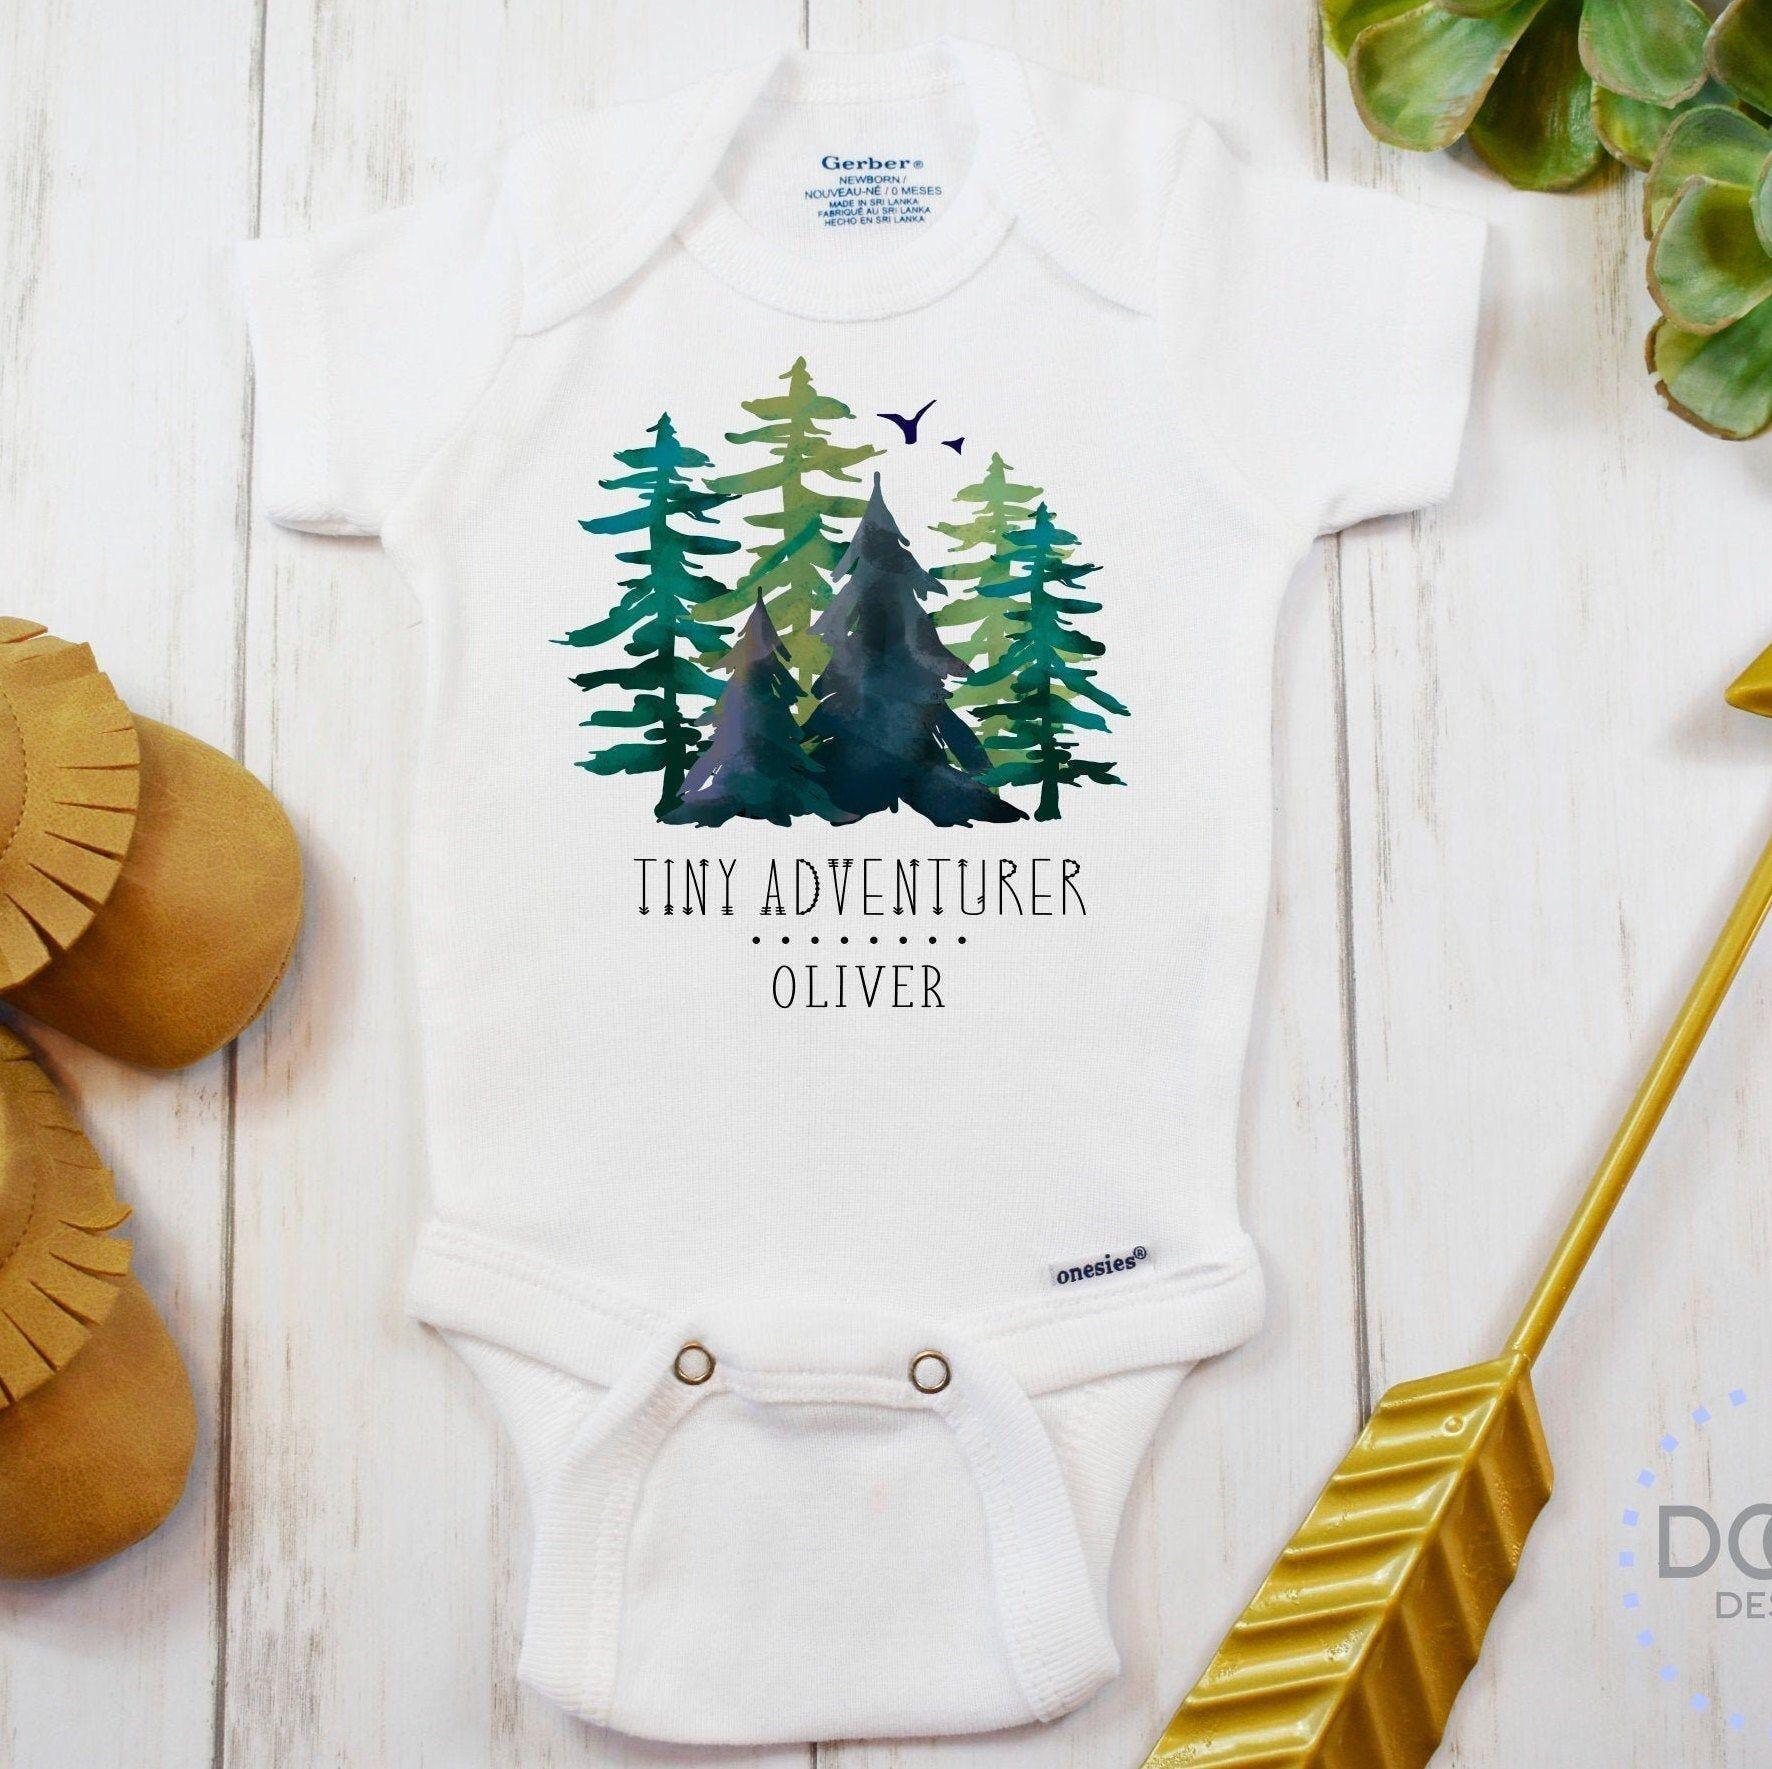 Personalized Baby Gift Plaid Boy Onesies Deer Antlers And Plaid Bow Tie Onesie Baby Gift Onesies